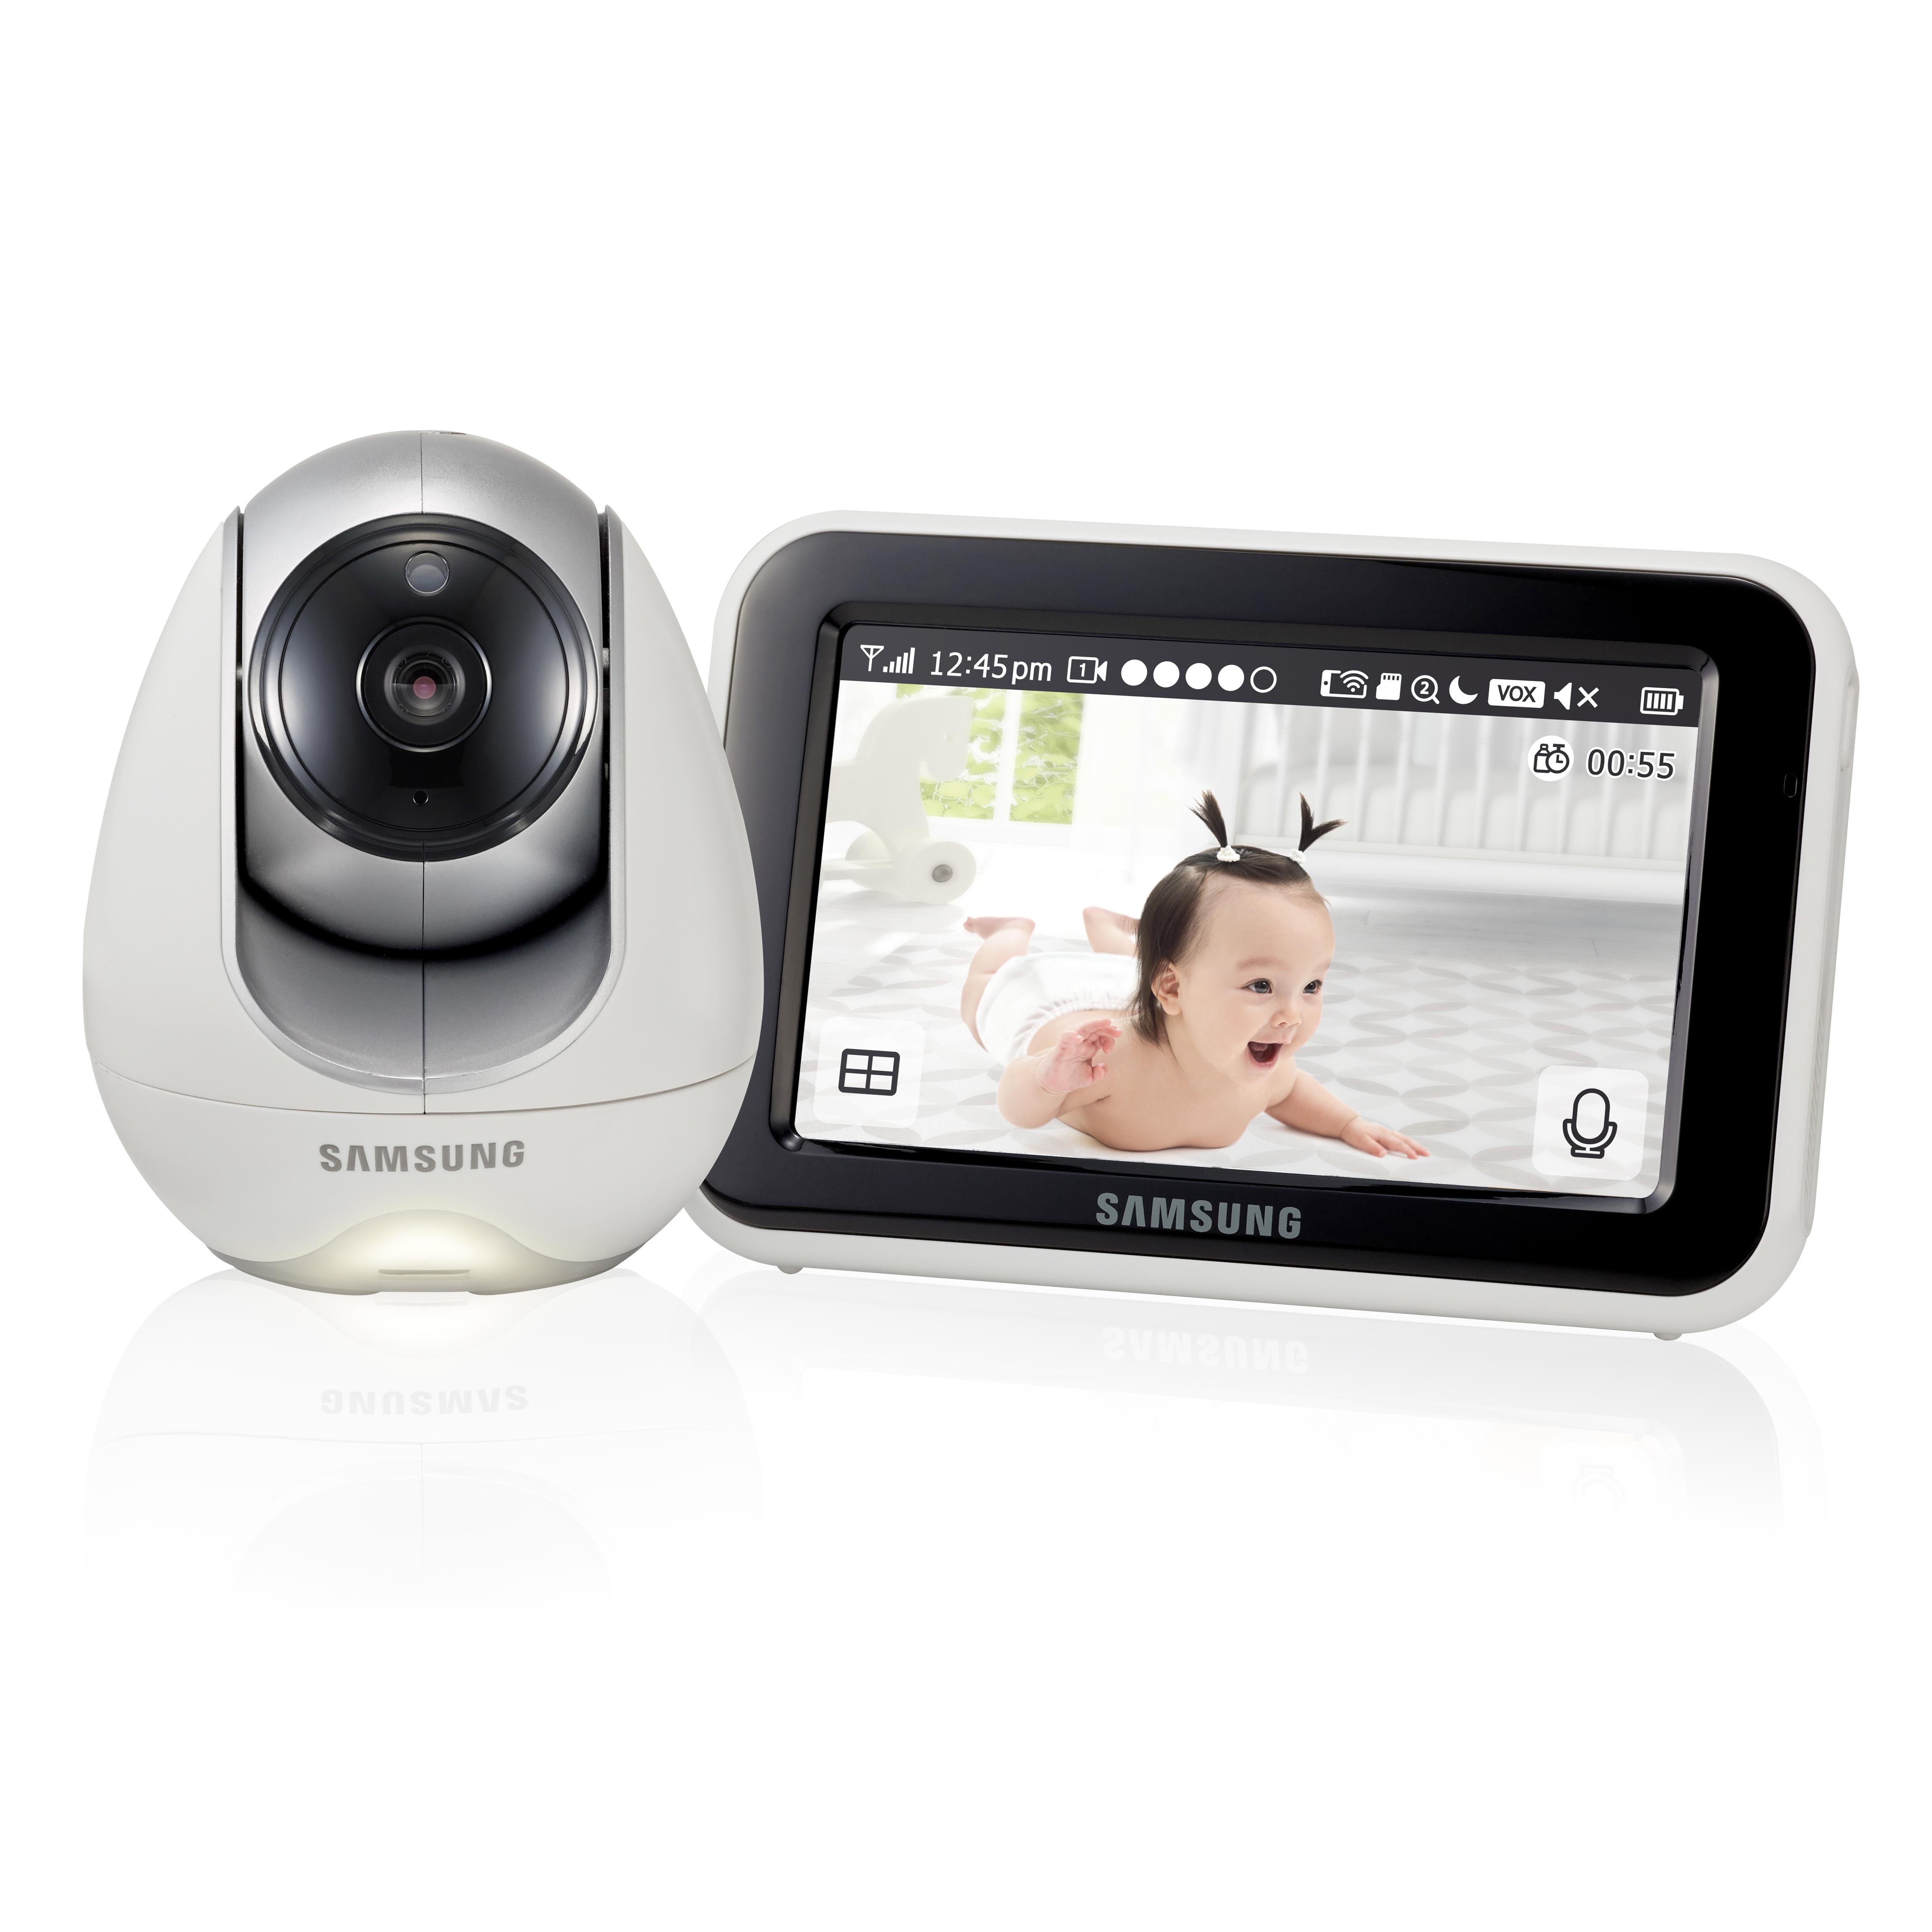 Радио и видеоняни Samsung SEW-3053WP видеоняня samsung samsung видеоняня sew 3043wpx2